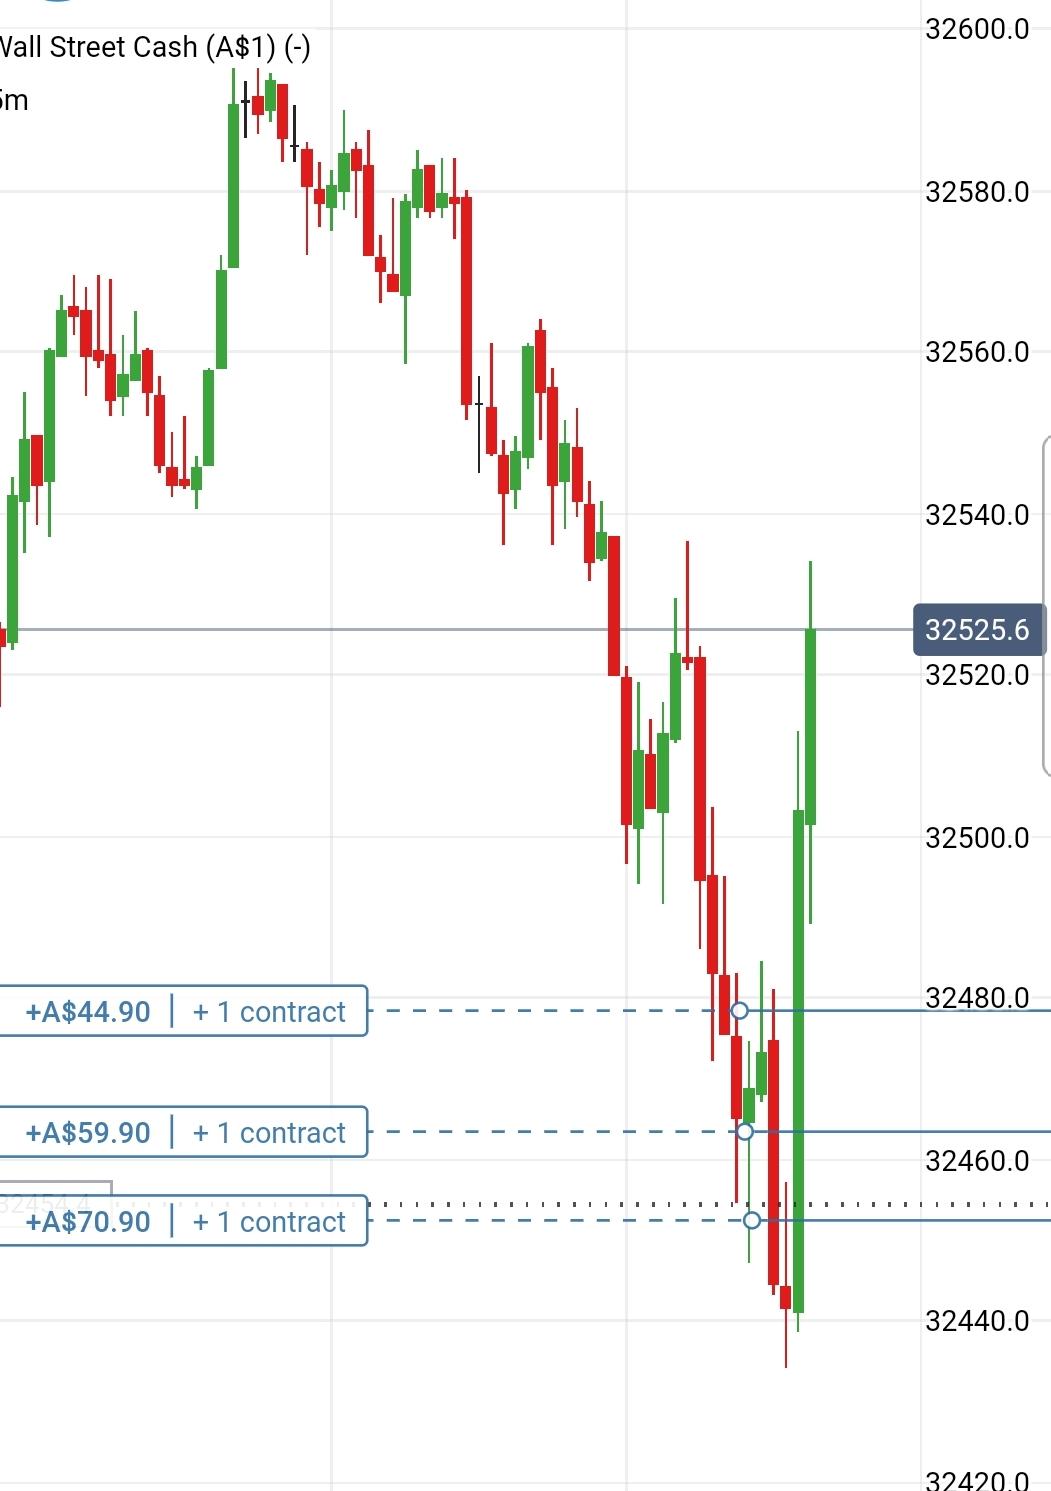 SmartSelect_20210322-081952_IG Trading.jpg